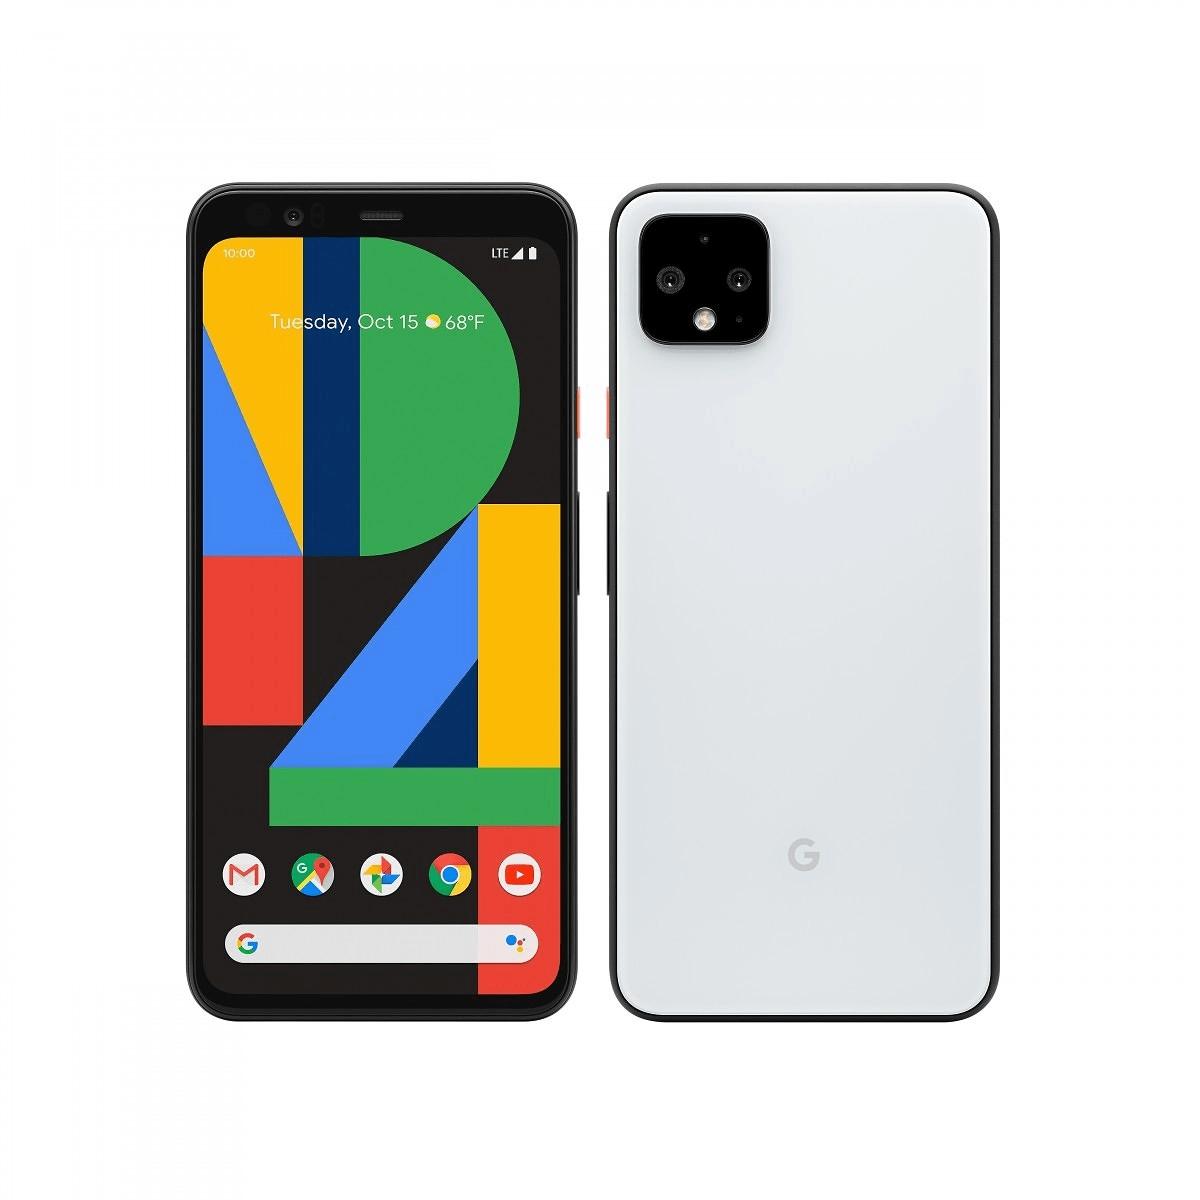 How to Root Google Pixel 4 / Pixel 4 XL 1